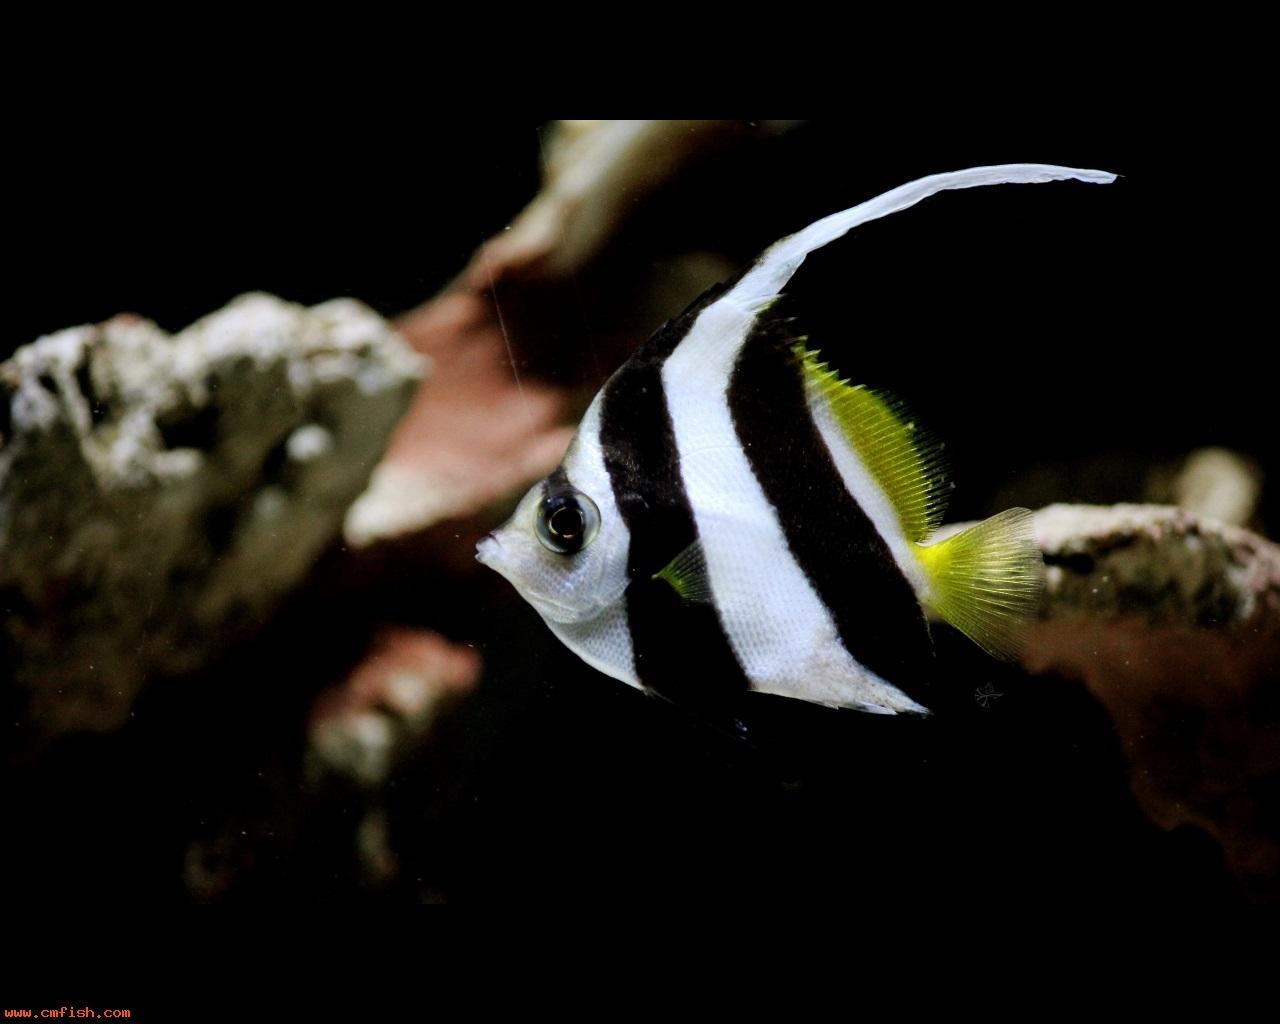 动物 鱼 鱼类 1280